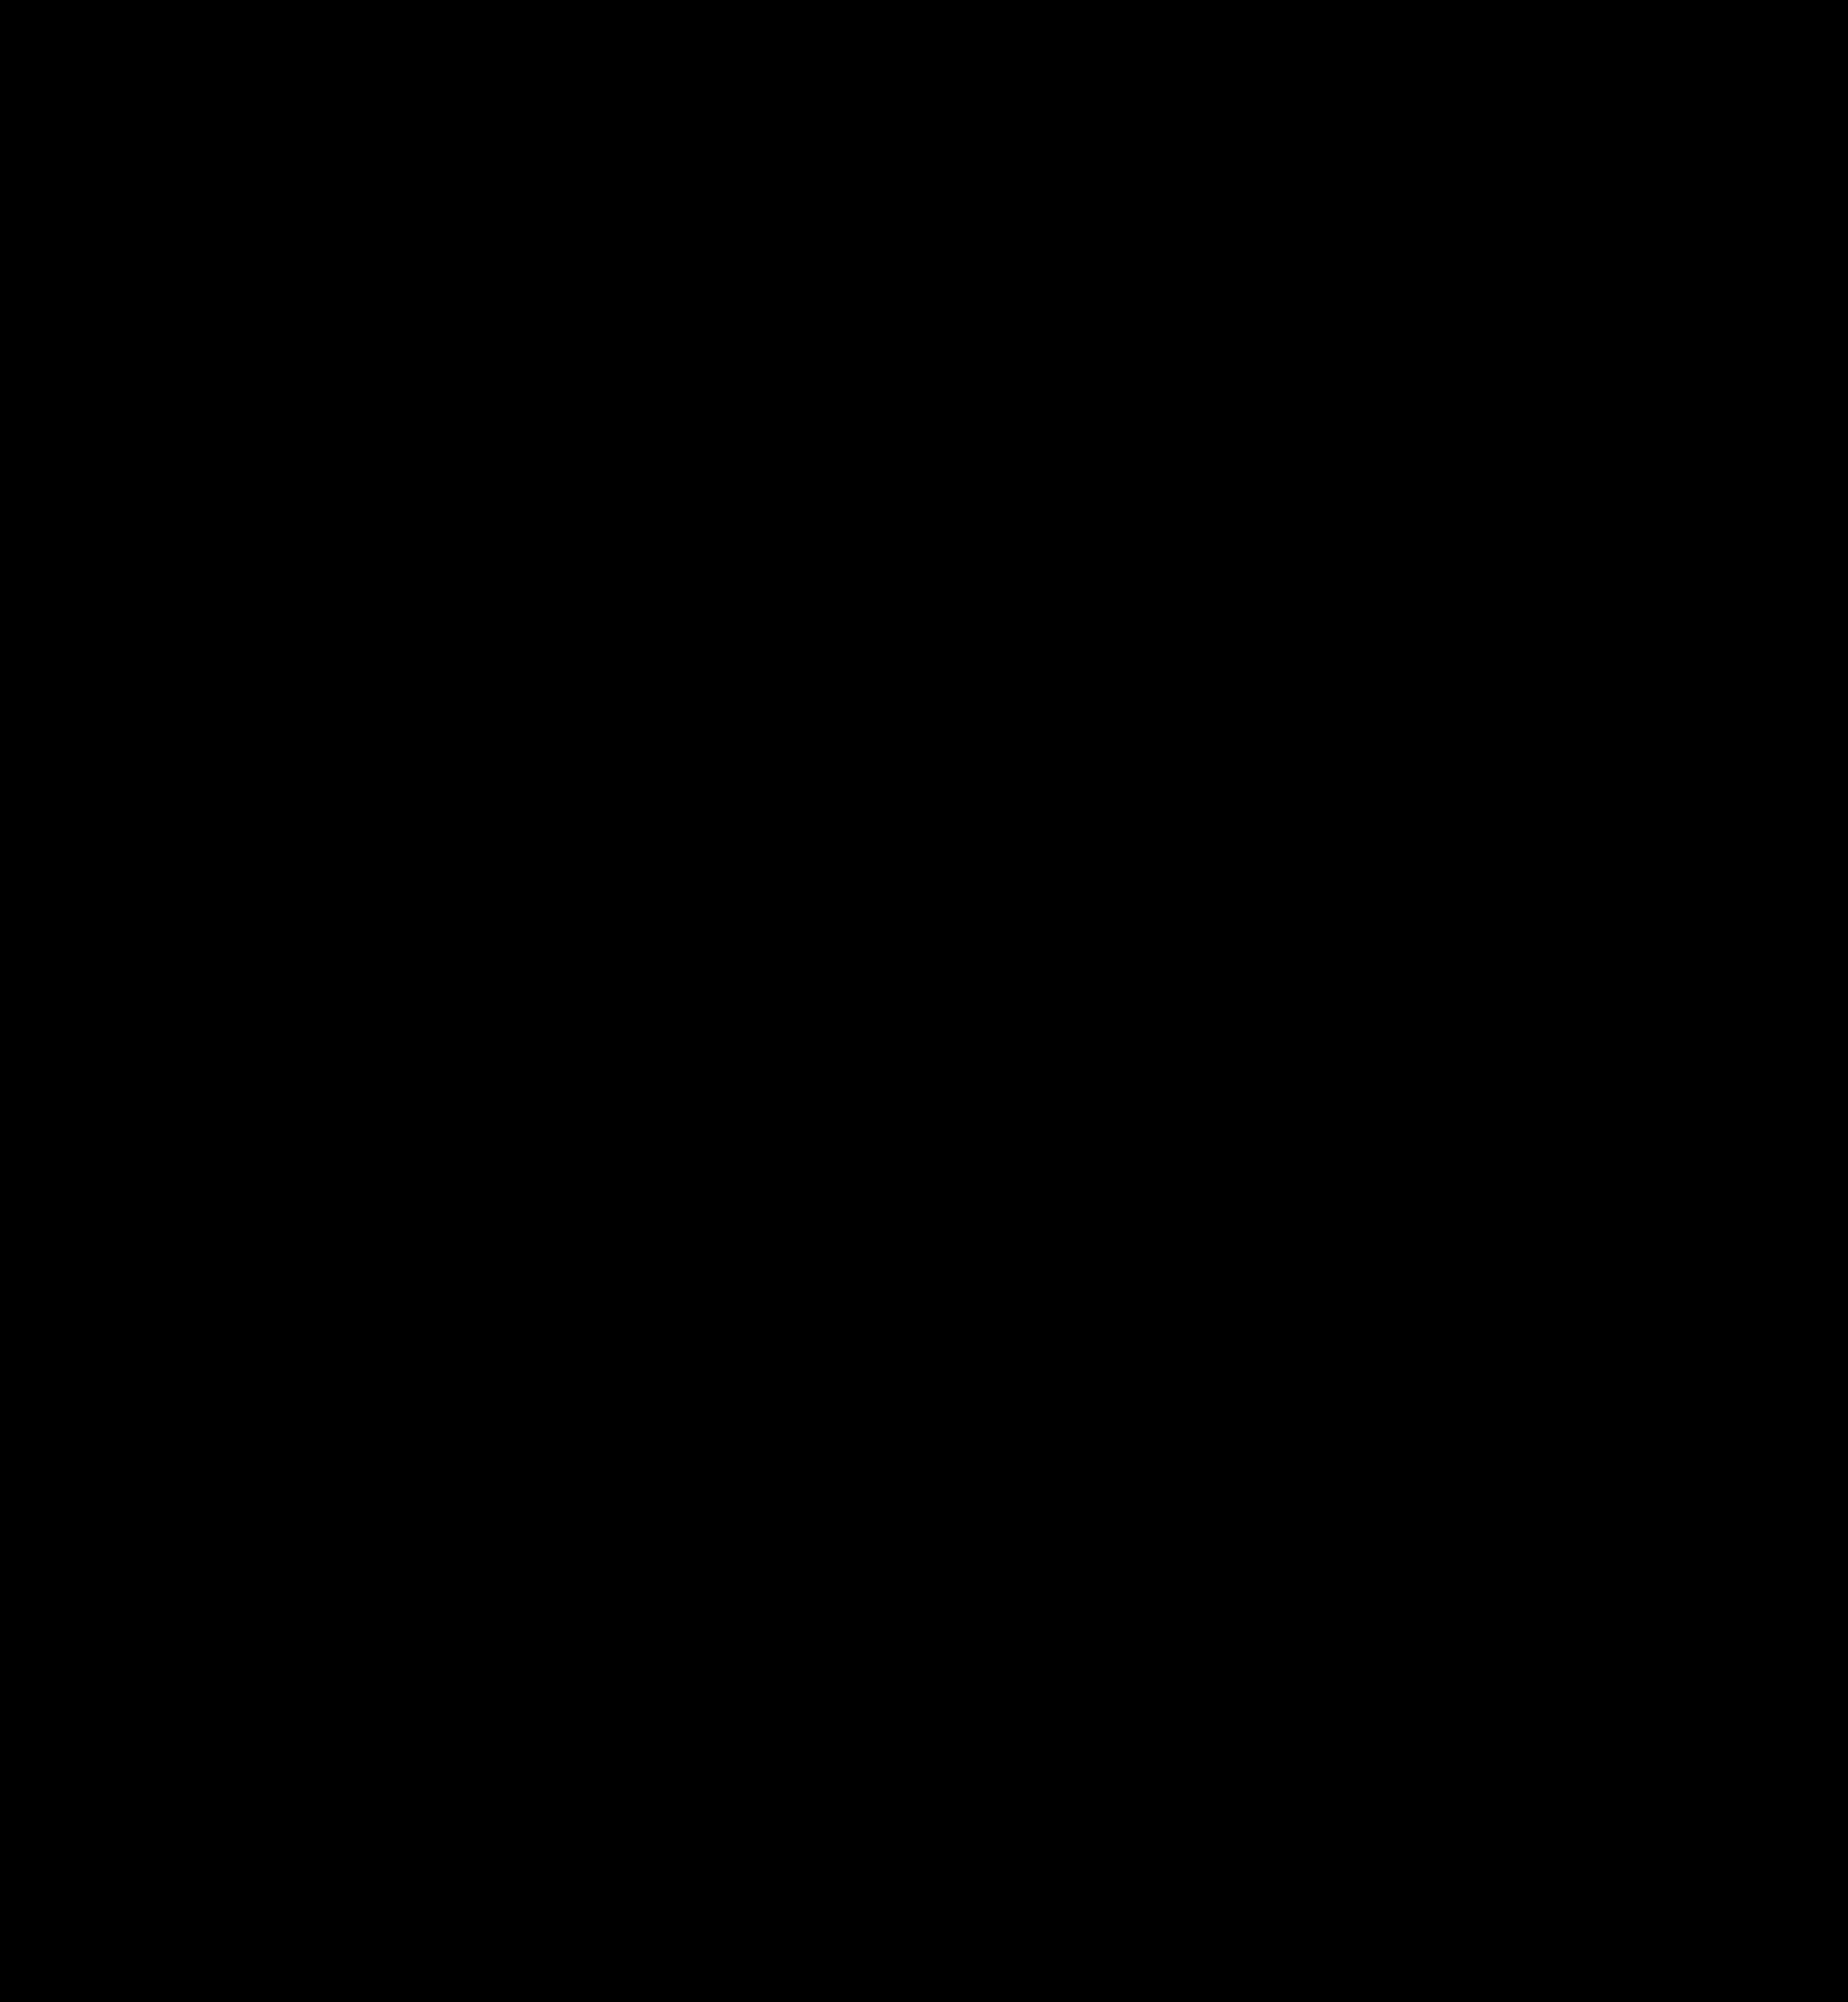 Air Jordan Logo Png Transparent Svg Vector Freebie Supply Imagenes De Logotipos Personajes De Dibujos Animados De Disney Plantillas Graffiti